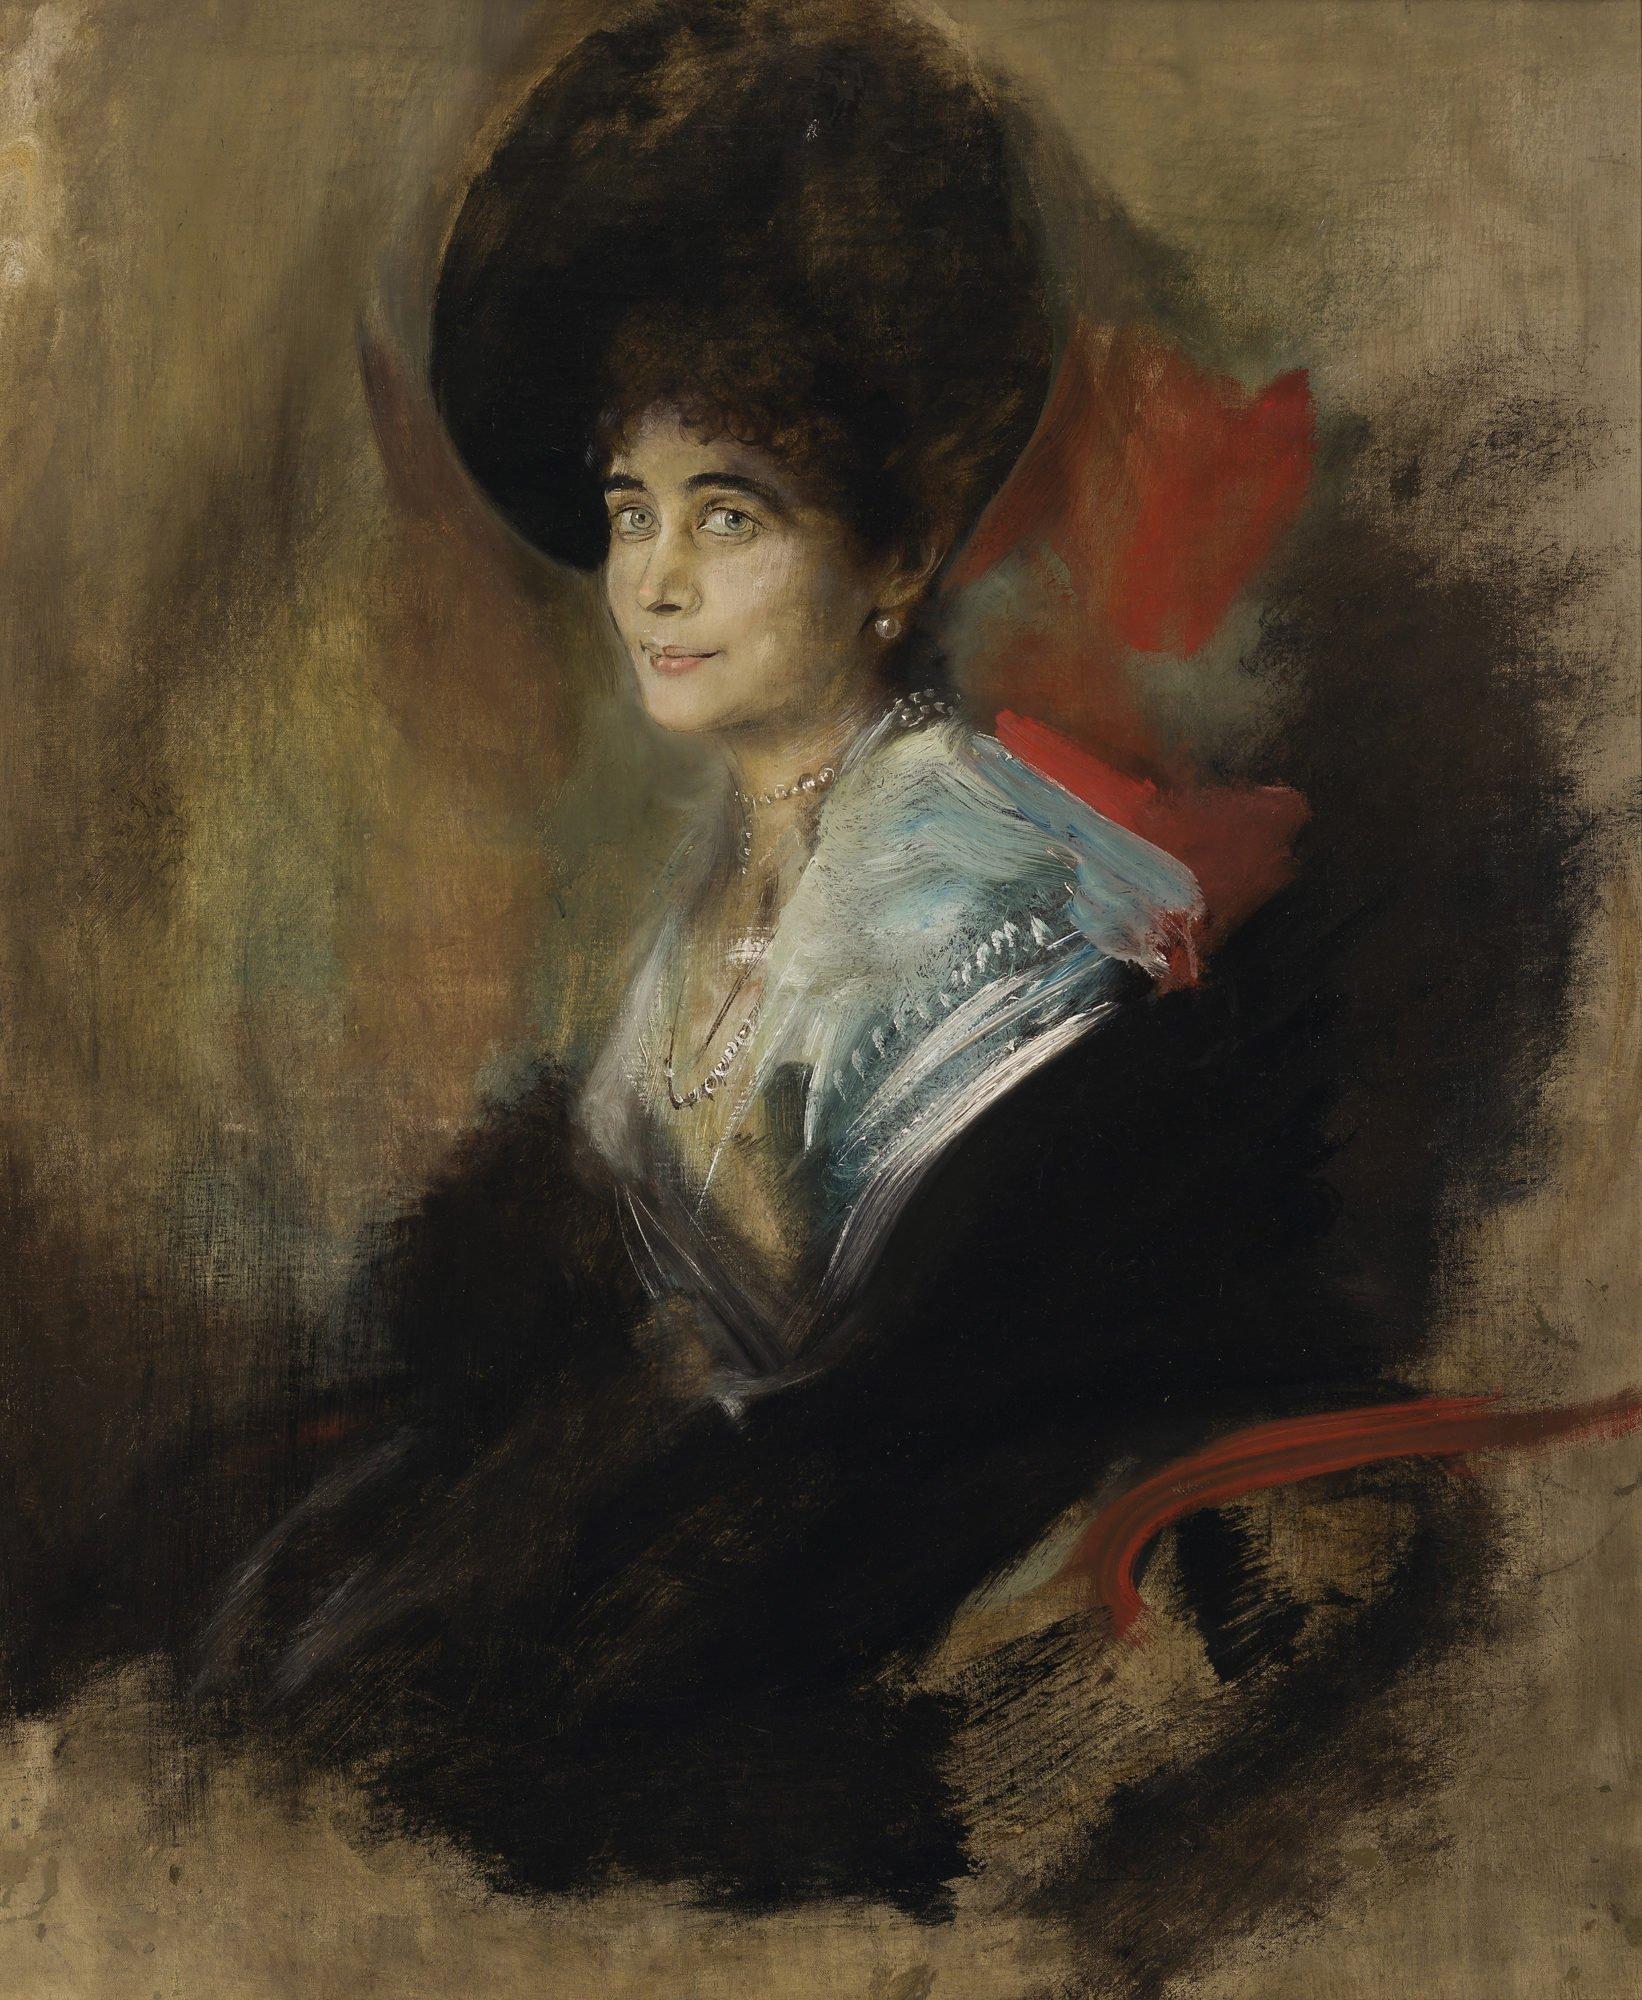 Ein Ölgemälde, dass ein Porträt von Katharina von Donnersmarck zeigt.